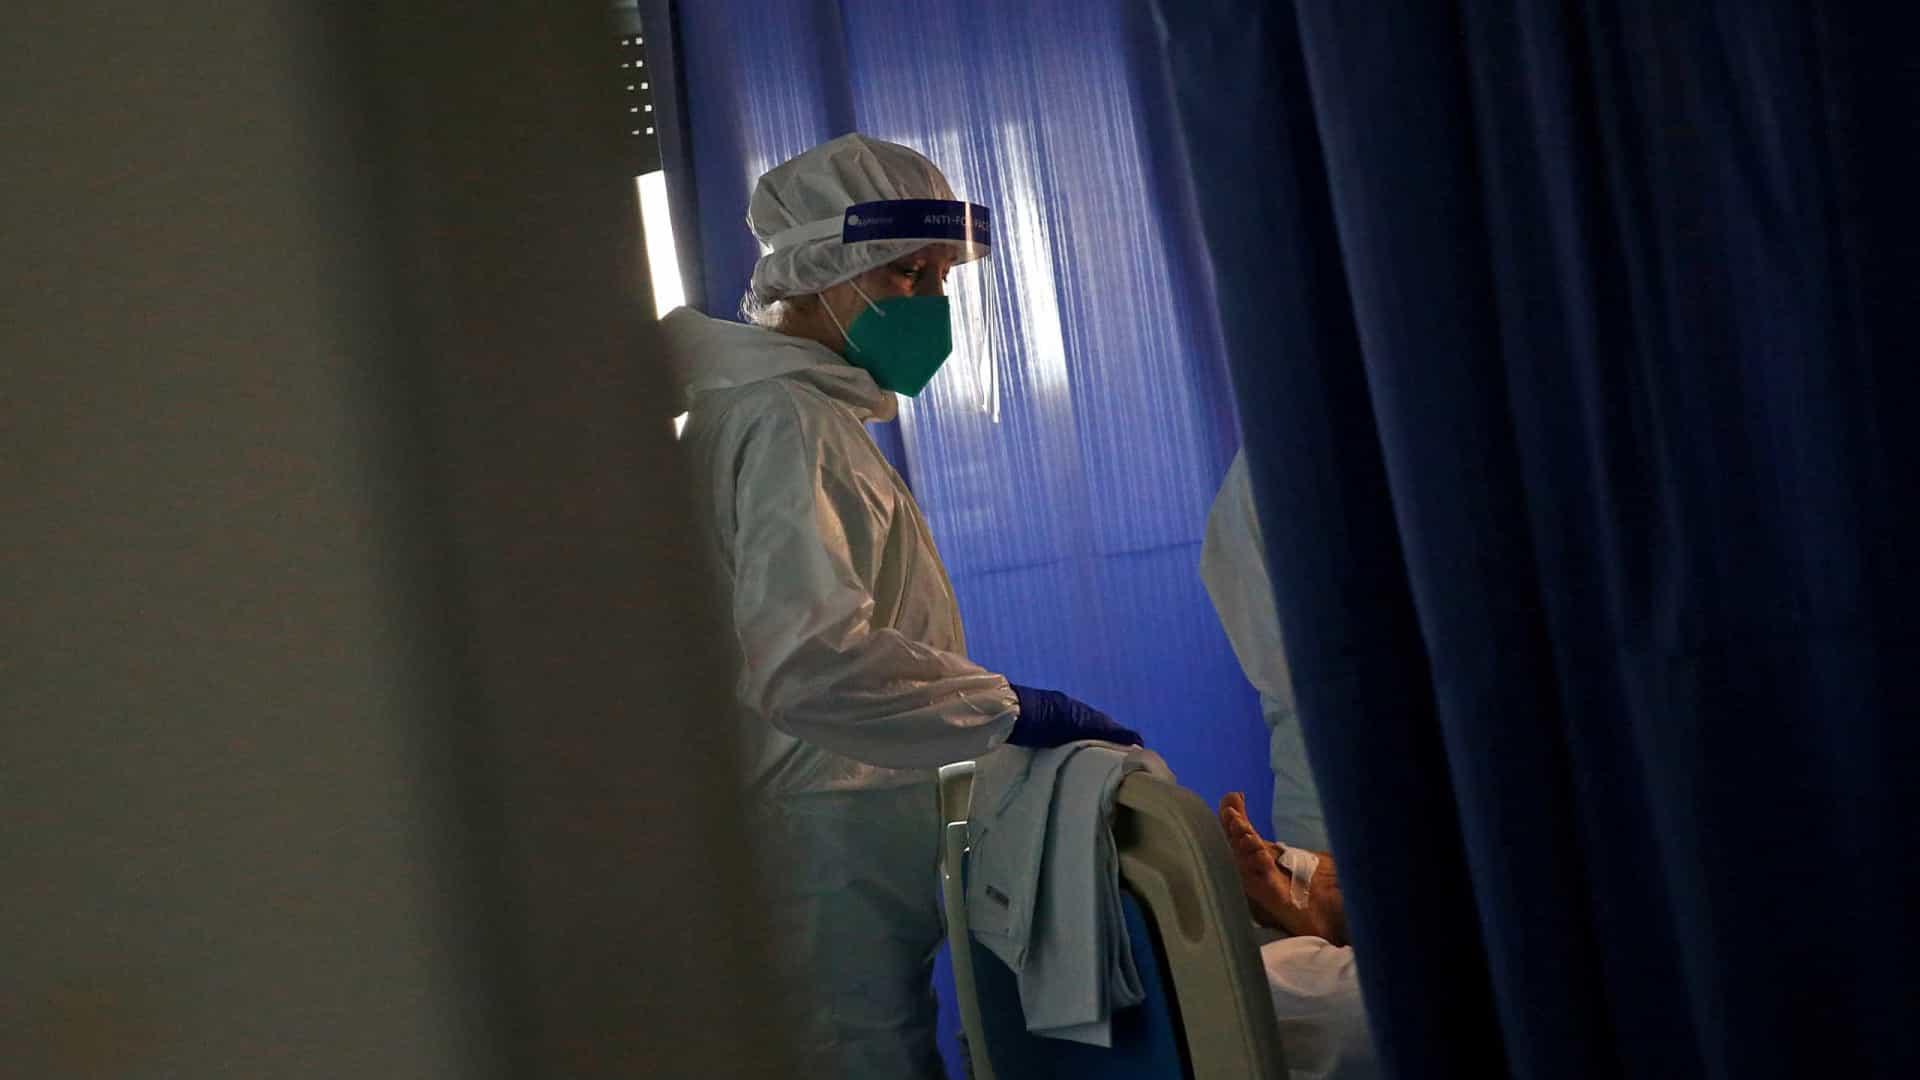 Sintomas de Covid-19 podem mascarar doenças ainda mais mortais - Imagem 1